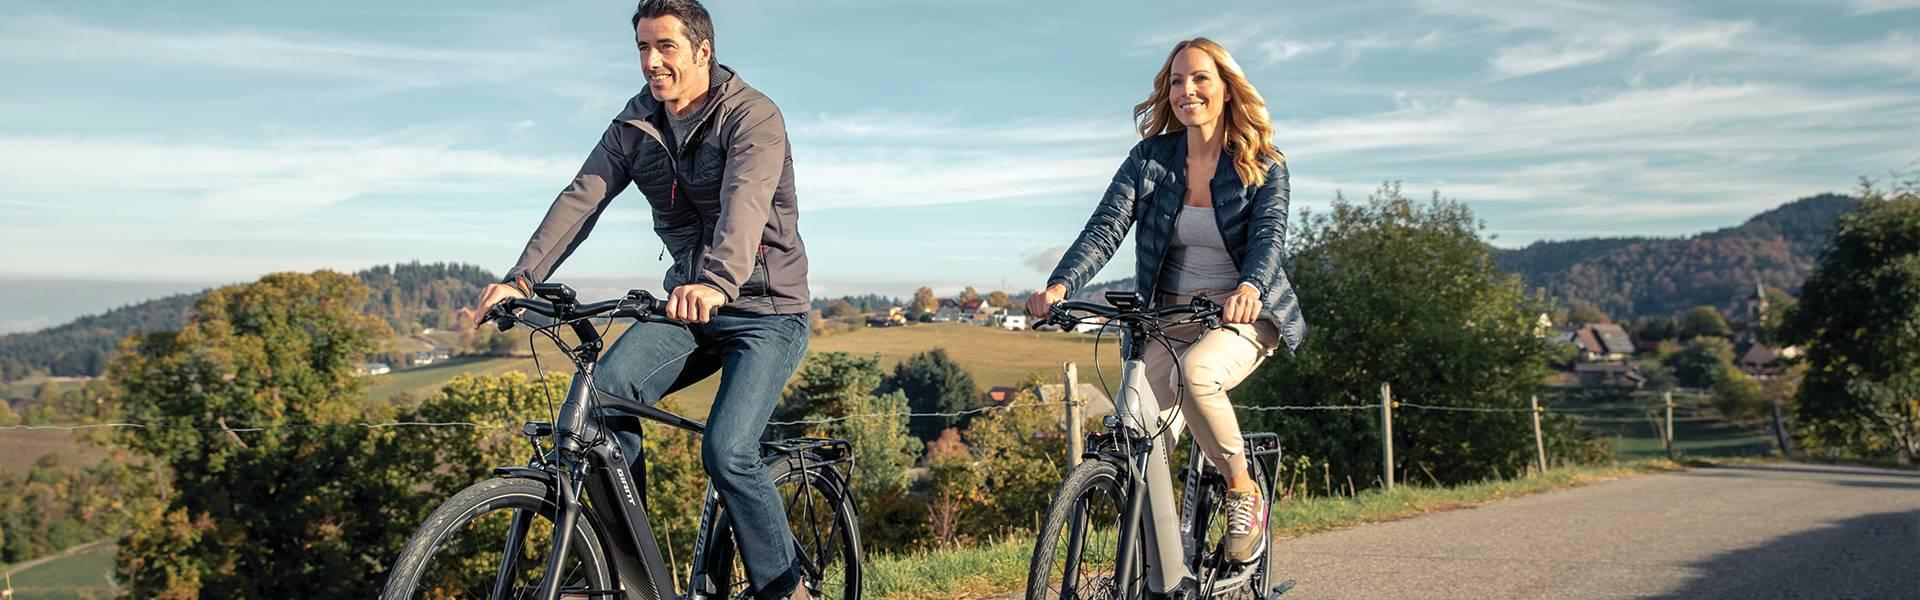 Ein Paar im Urlaub mit dem Giant Anytour e-Bikes mit viel Fahrkomfort